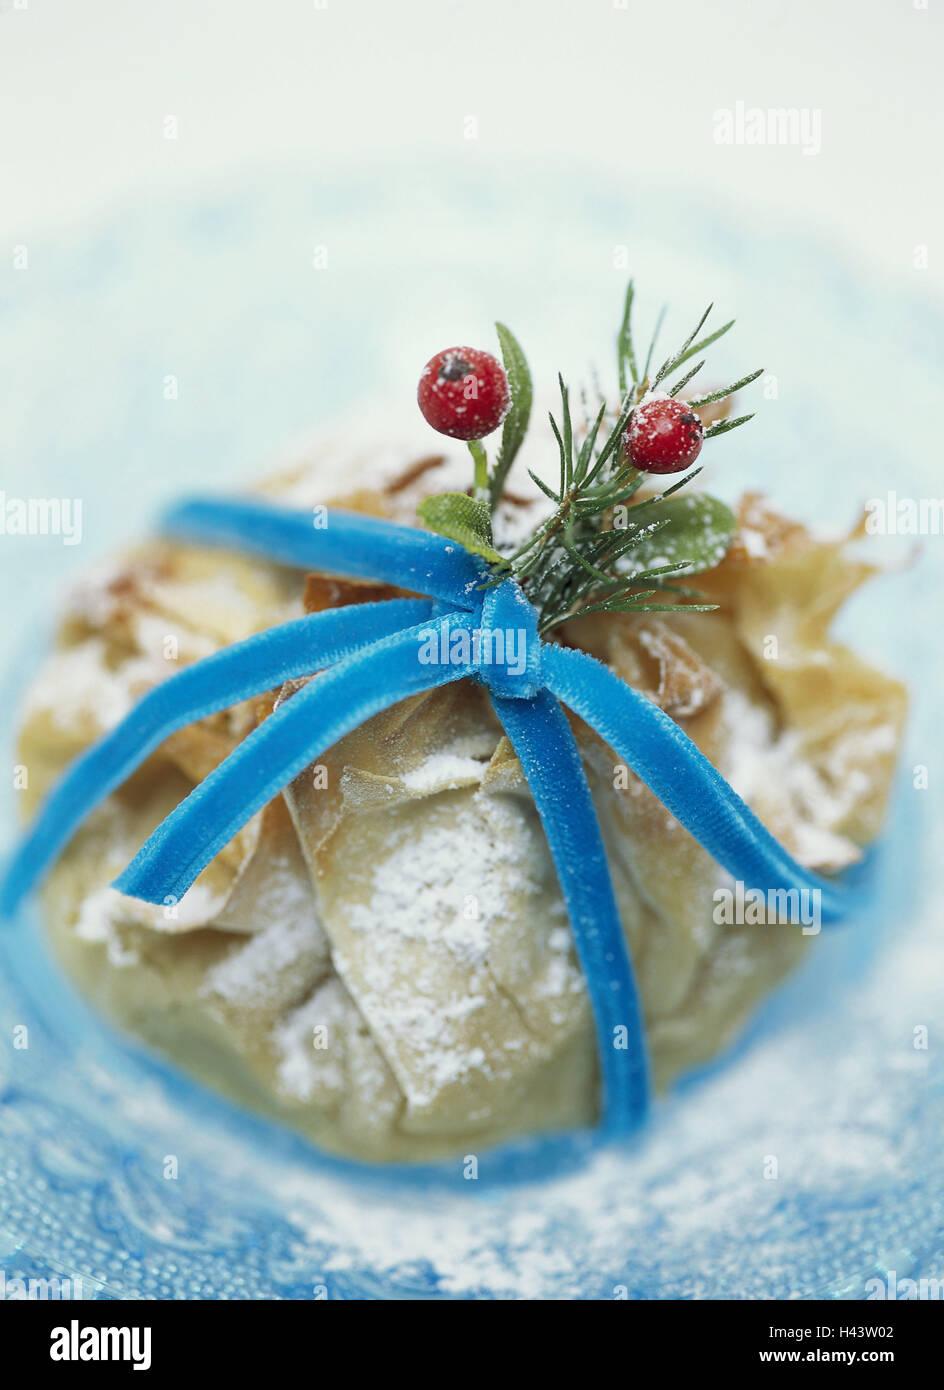 Weihnachten Dessert Blatterteig Glas Teller Blau Nahaufnahme